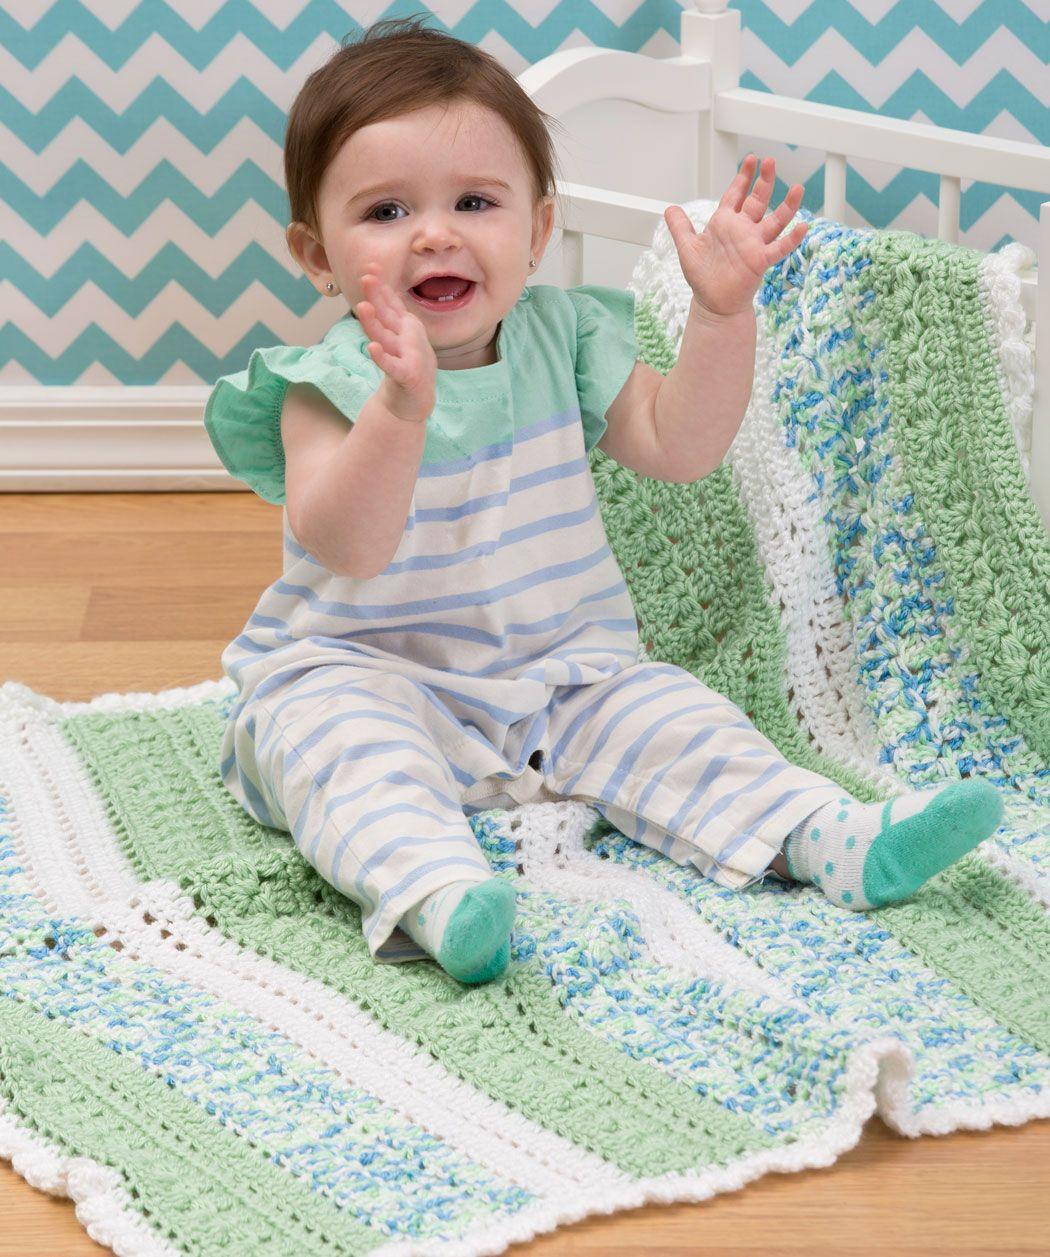 Streifen-Baby- Decke | Häkeln für Kinder/ Babys | Pinterest ...